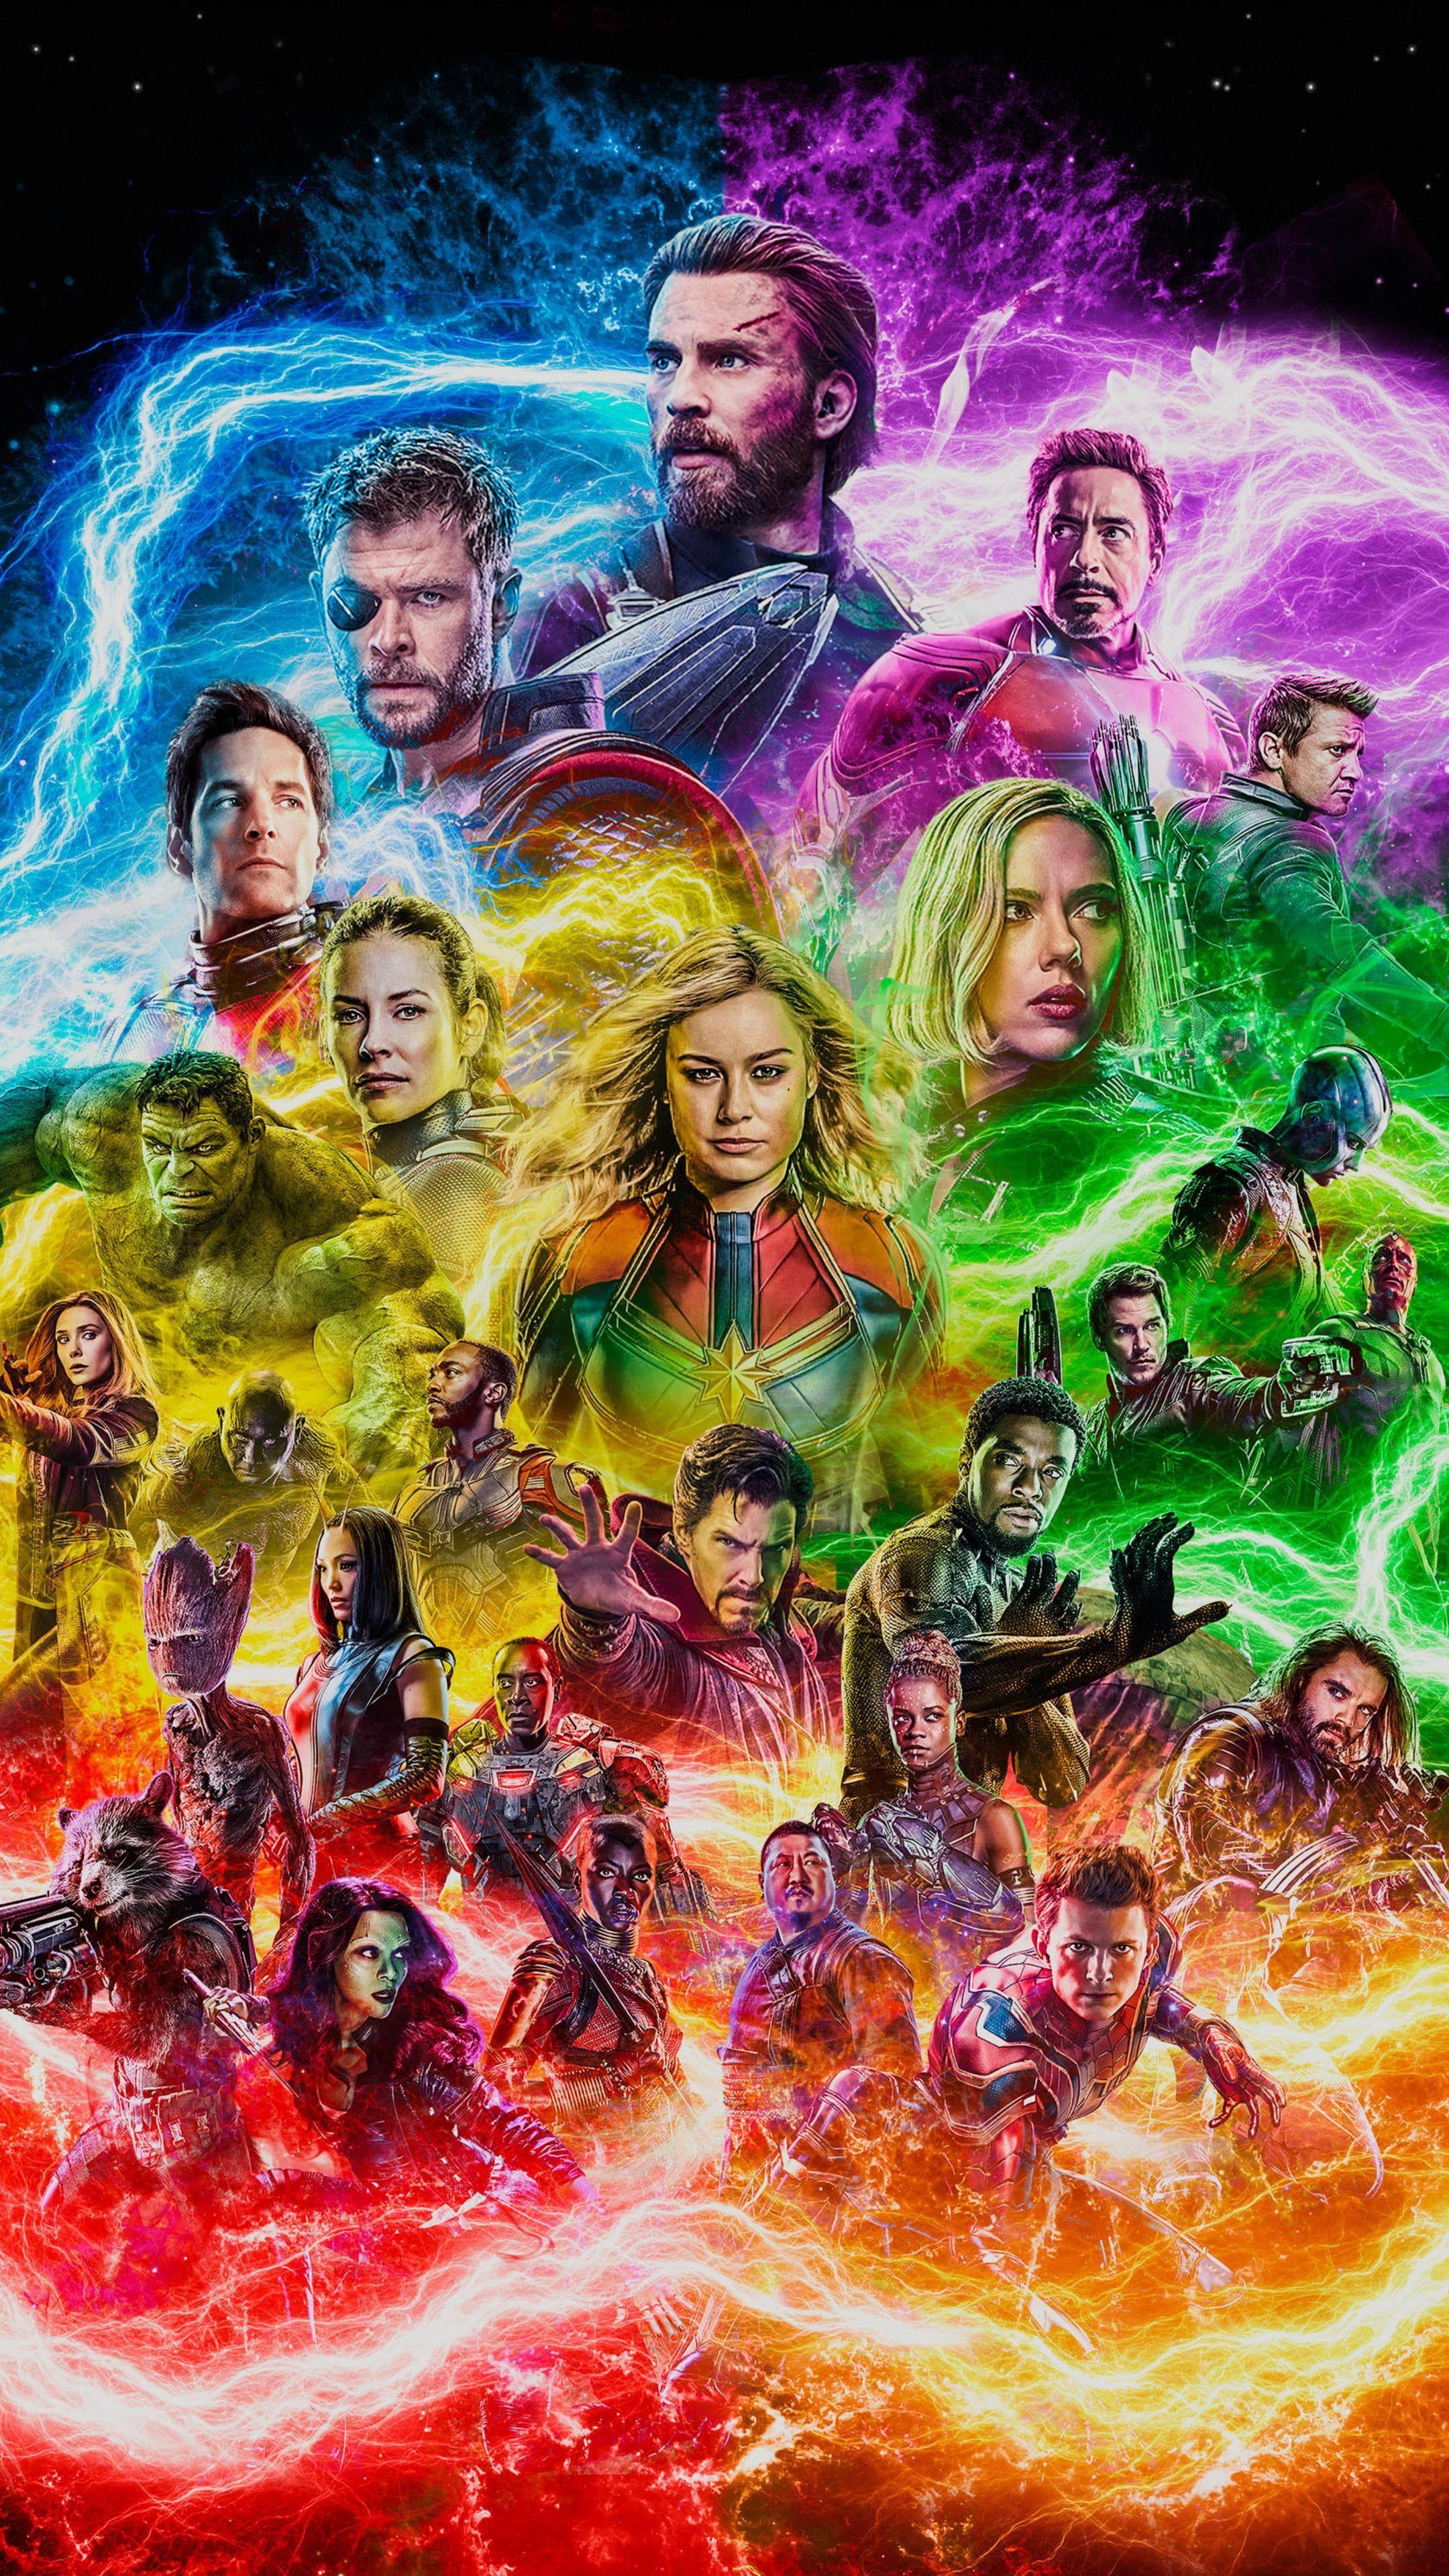 Avengers Endgame Wallpaper New Avengers End Game Hd 4k Wallpapers Uhd For Android Apk Of Aven In 2020 Marvel Superheroes Marvel Posters Marvel Avengers